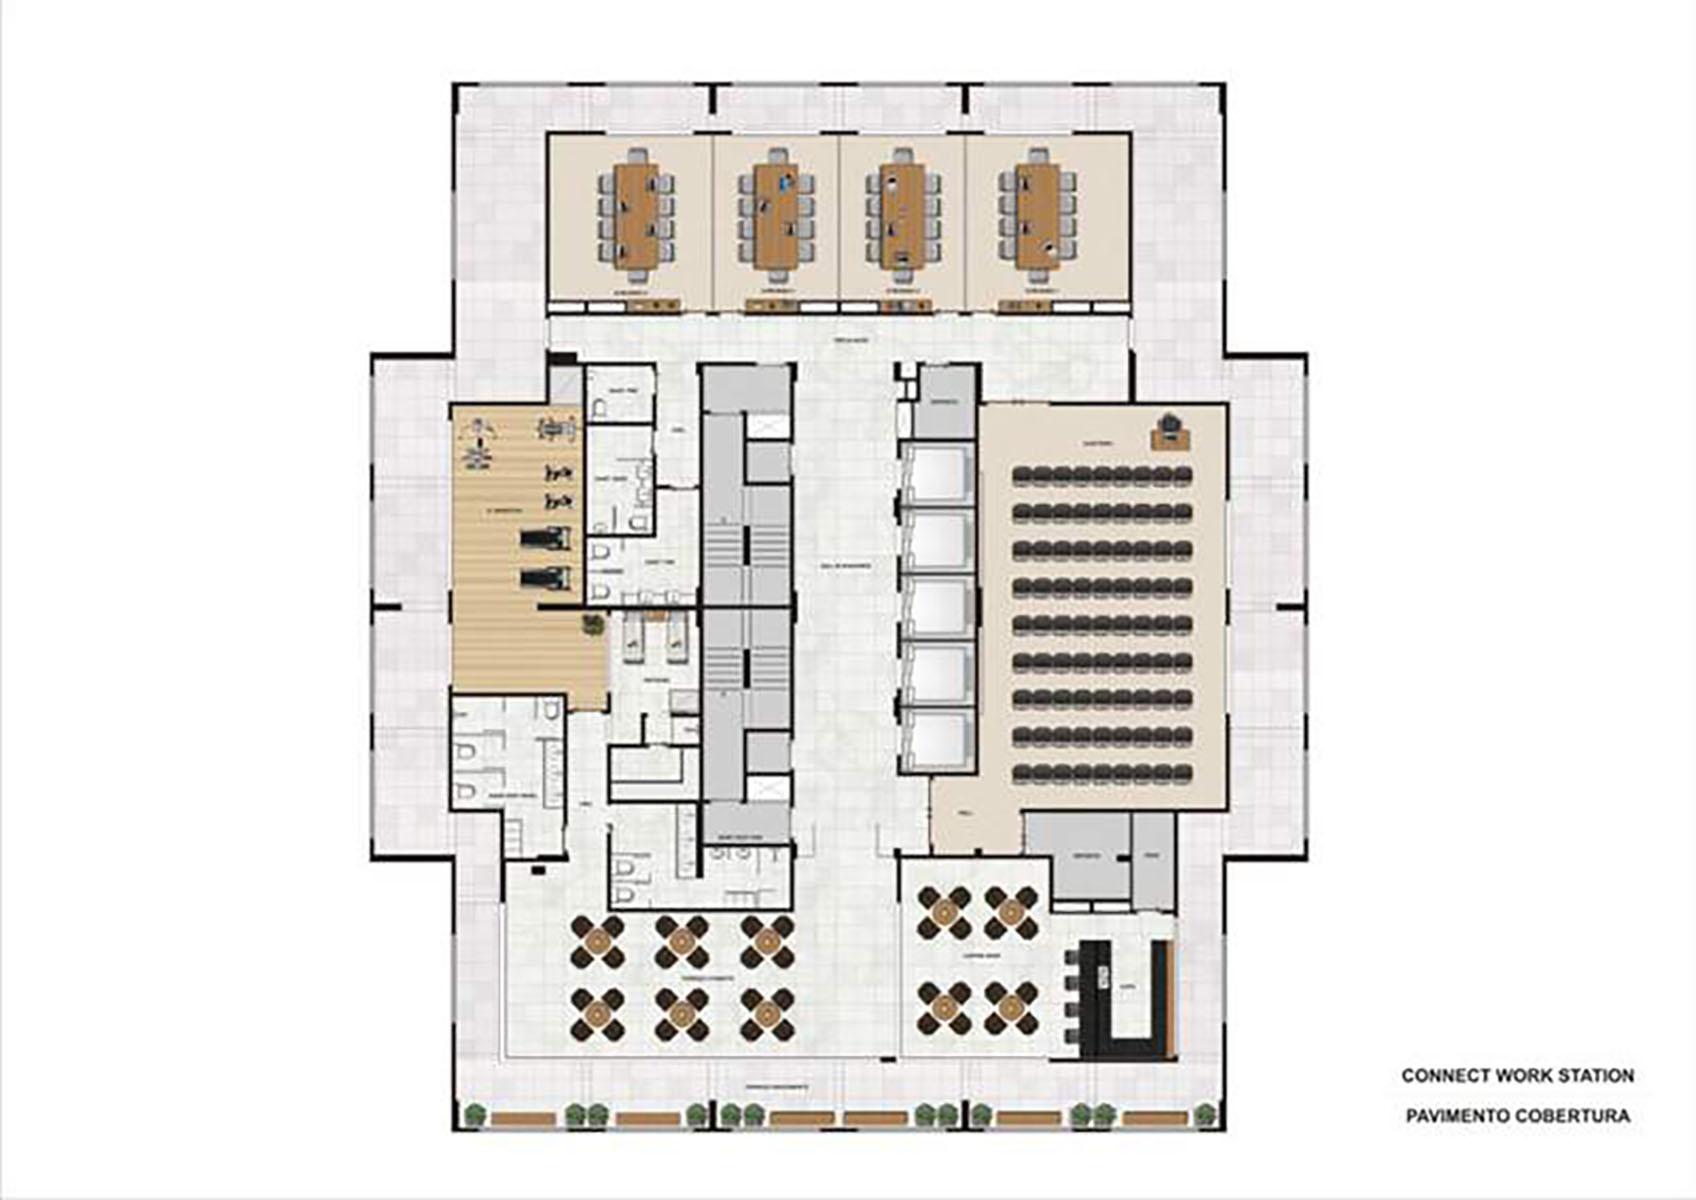 Ilustração Artística da Planta do Pavimento da Cobertura Connect Work Station